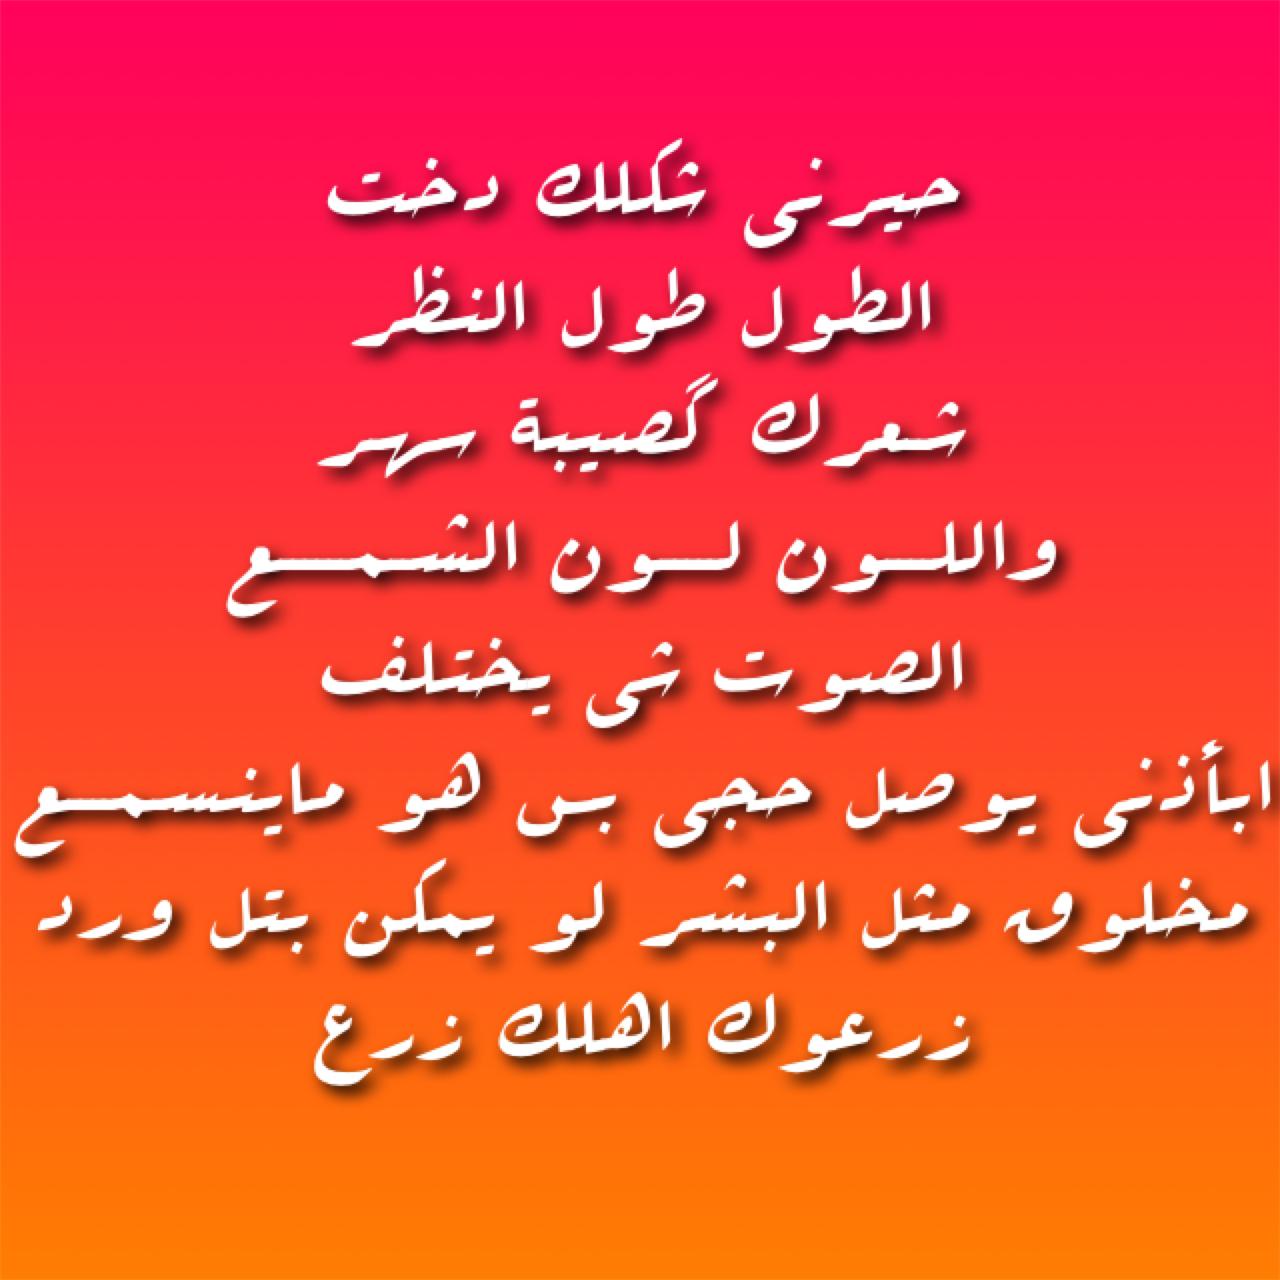 شعر شعبي عراقي حزين اروع القصائد الشعبية الحزينة في العراق مساء الورد